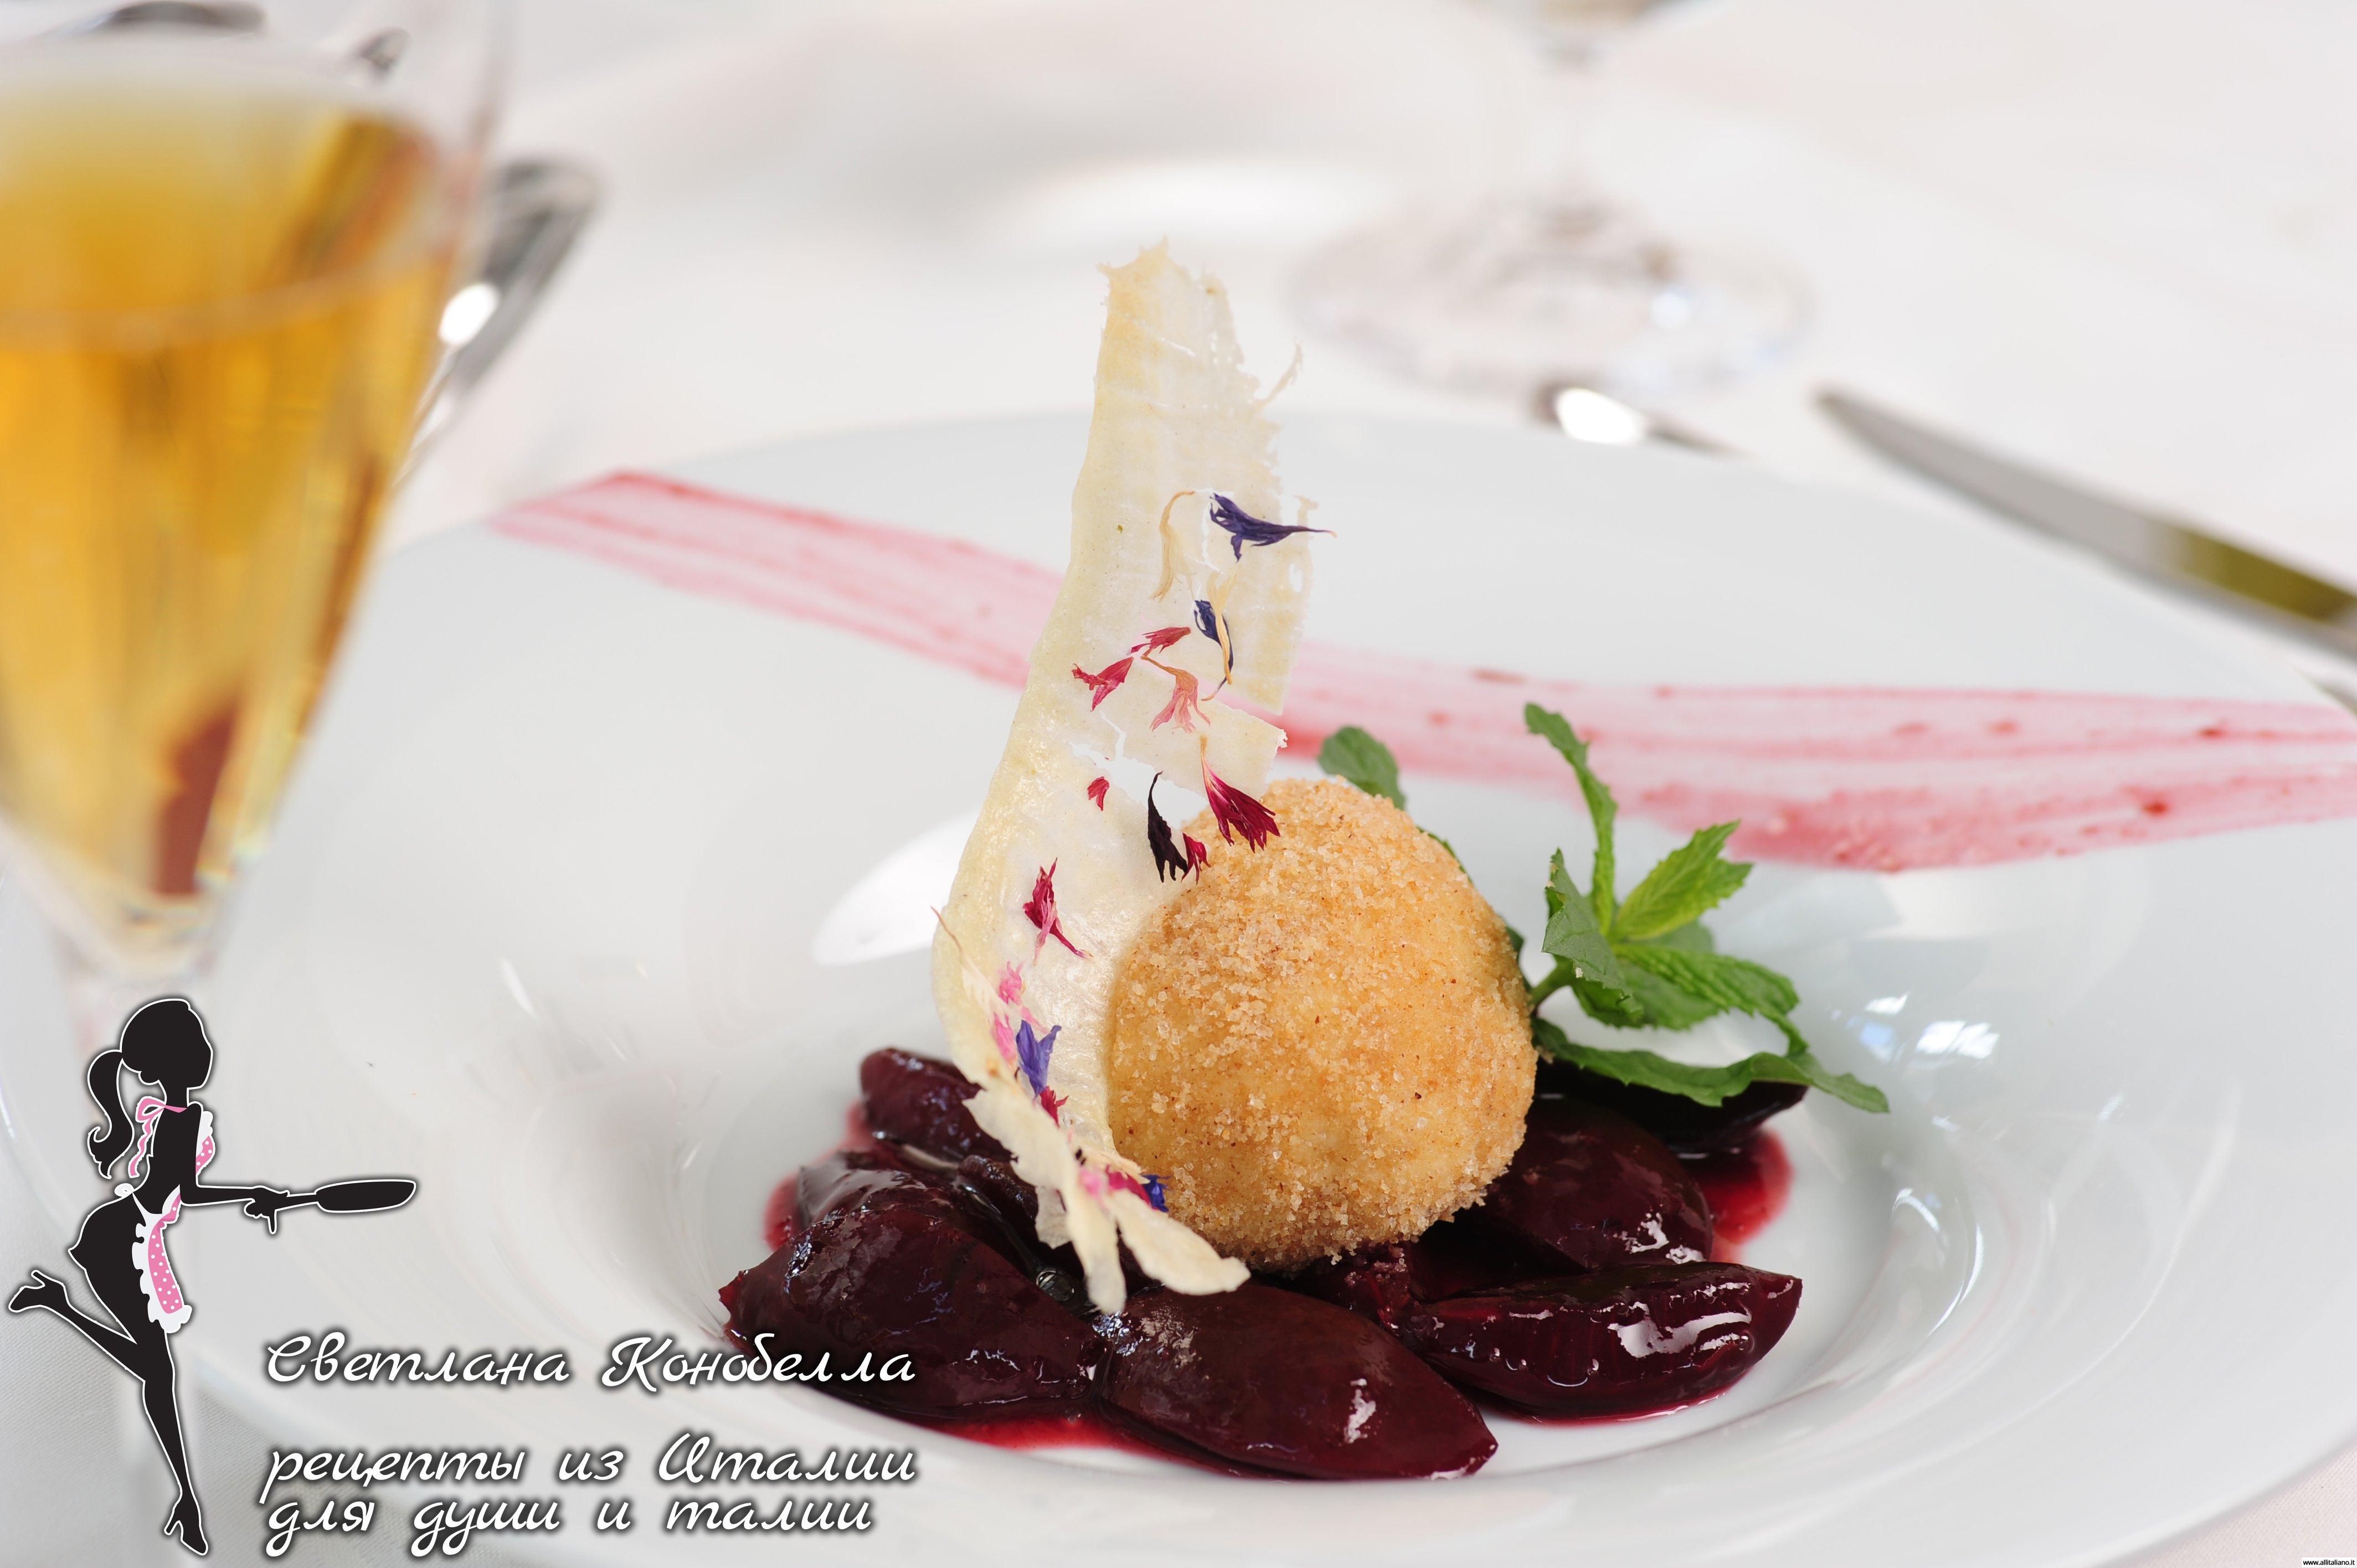 Martin-Kiem-Svetlana-Konobella-rezepty-deserd-dolce-chef-povar-italjanskaja-kuhnia (1)